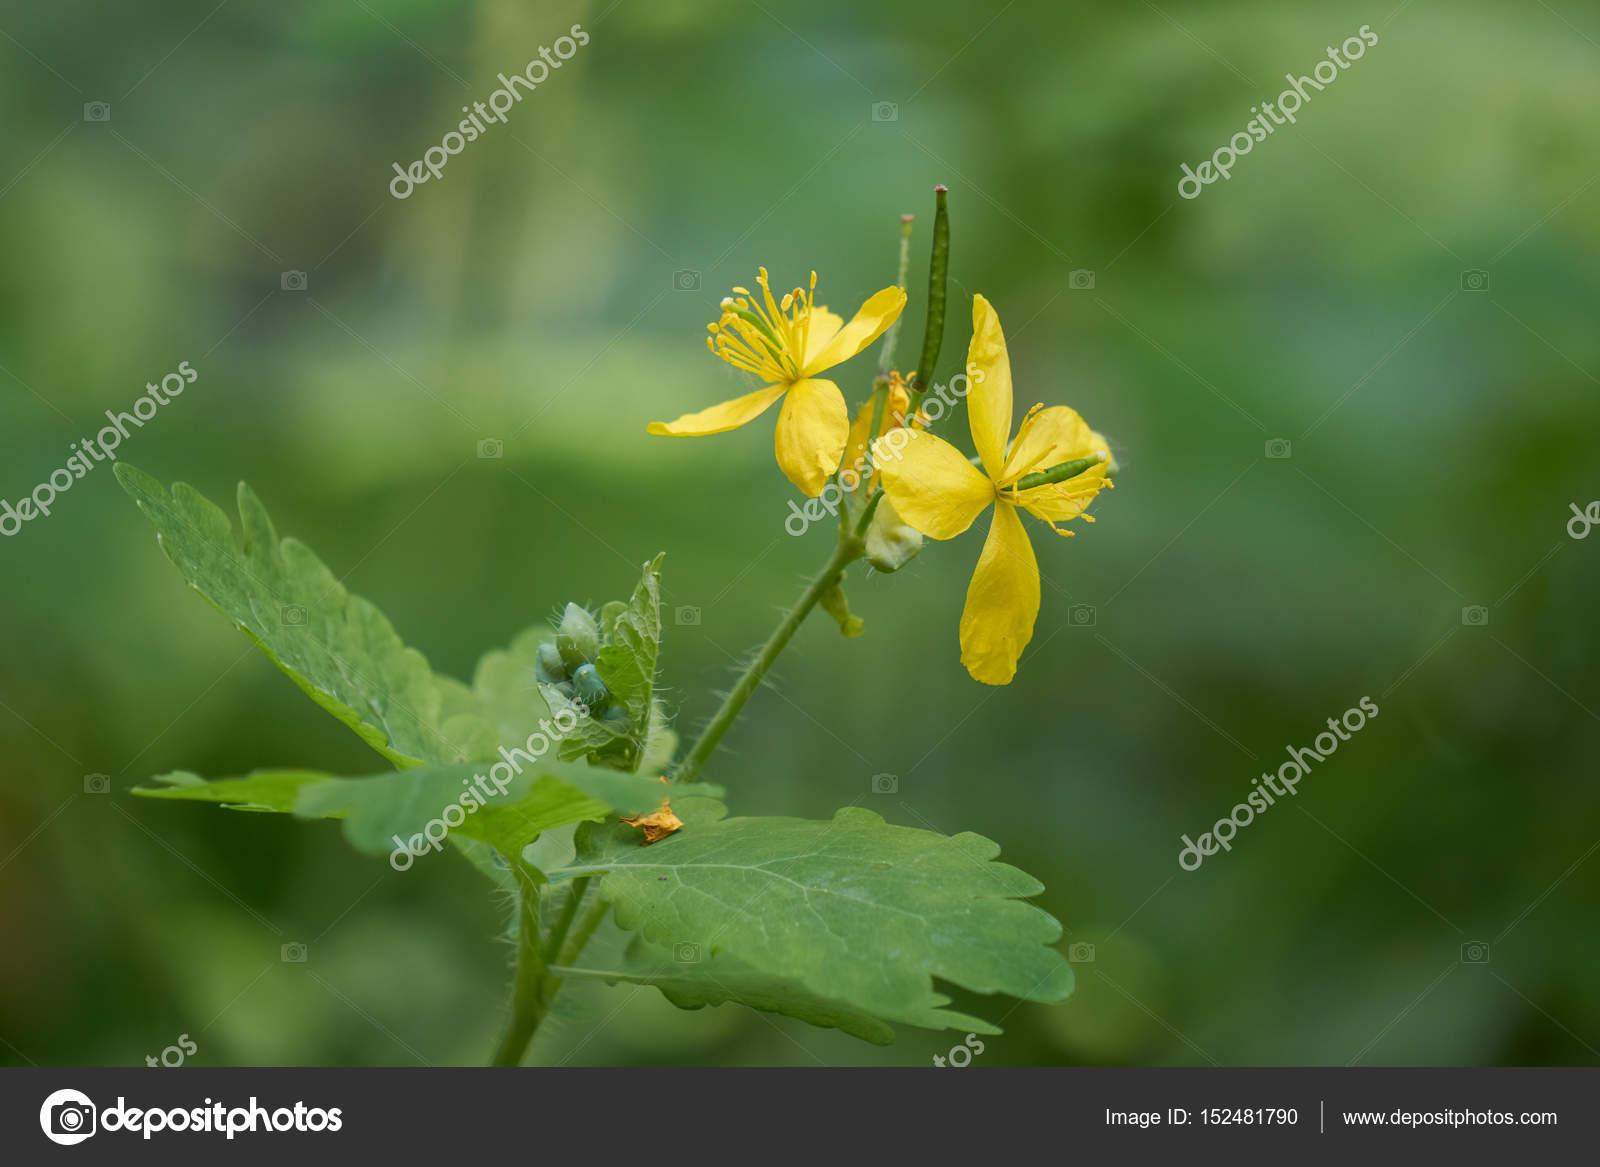 Fiori Gialli Bosco.Yellow Wildflower In The Wood Stock Photo C Spetenfina 152481790